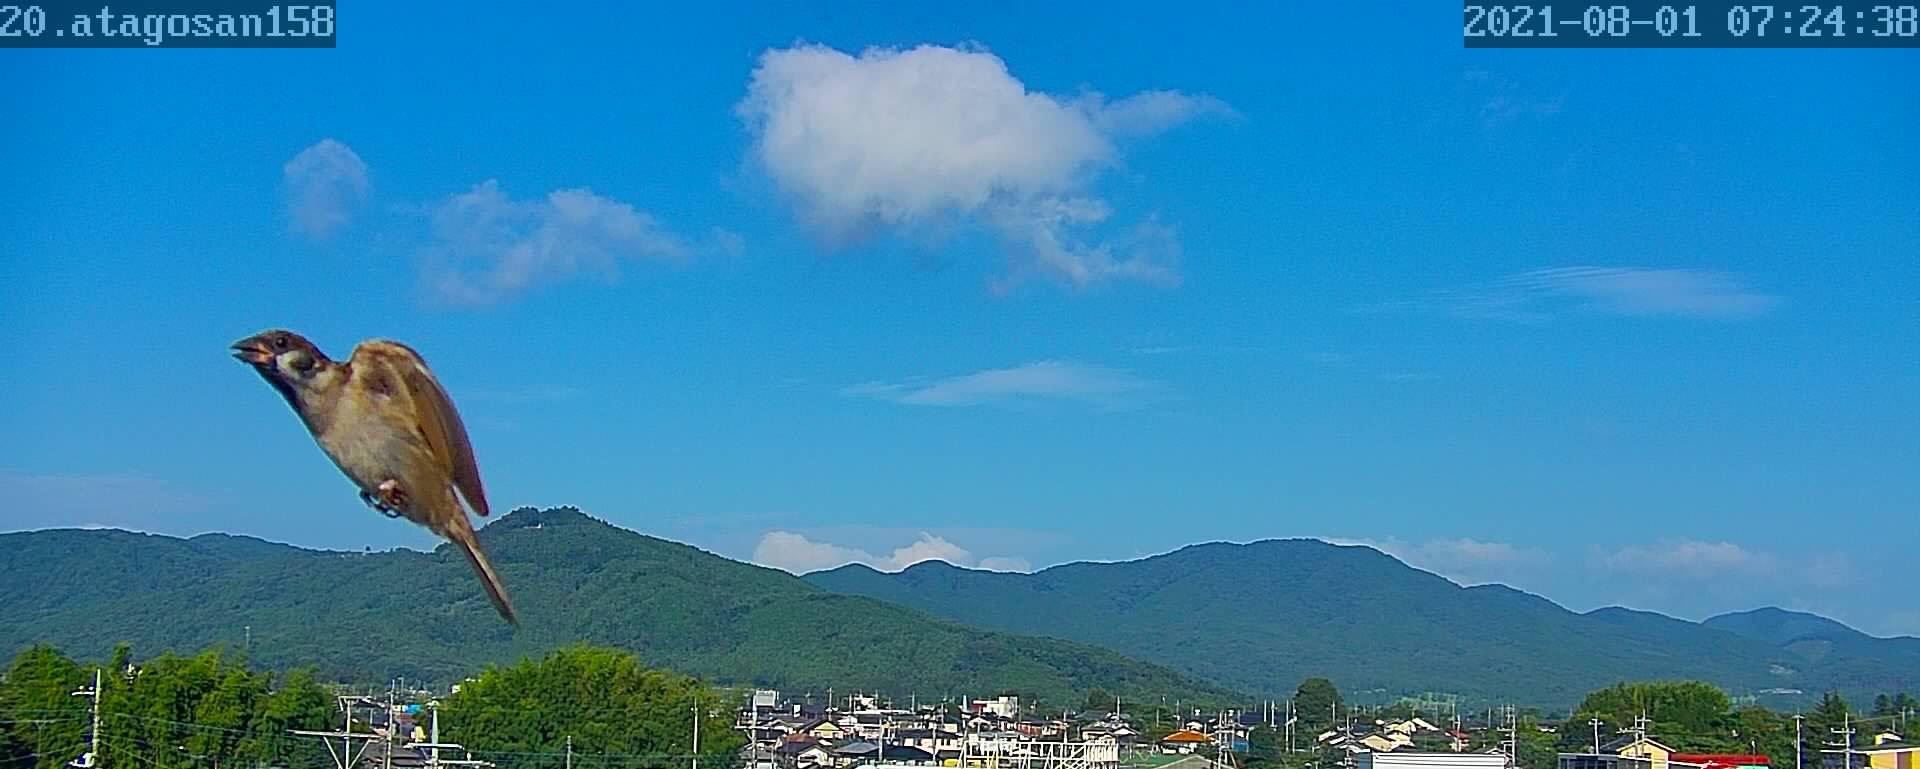 8月1日  また、暑くなってきた。 86日目